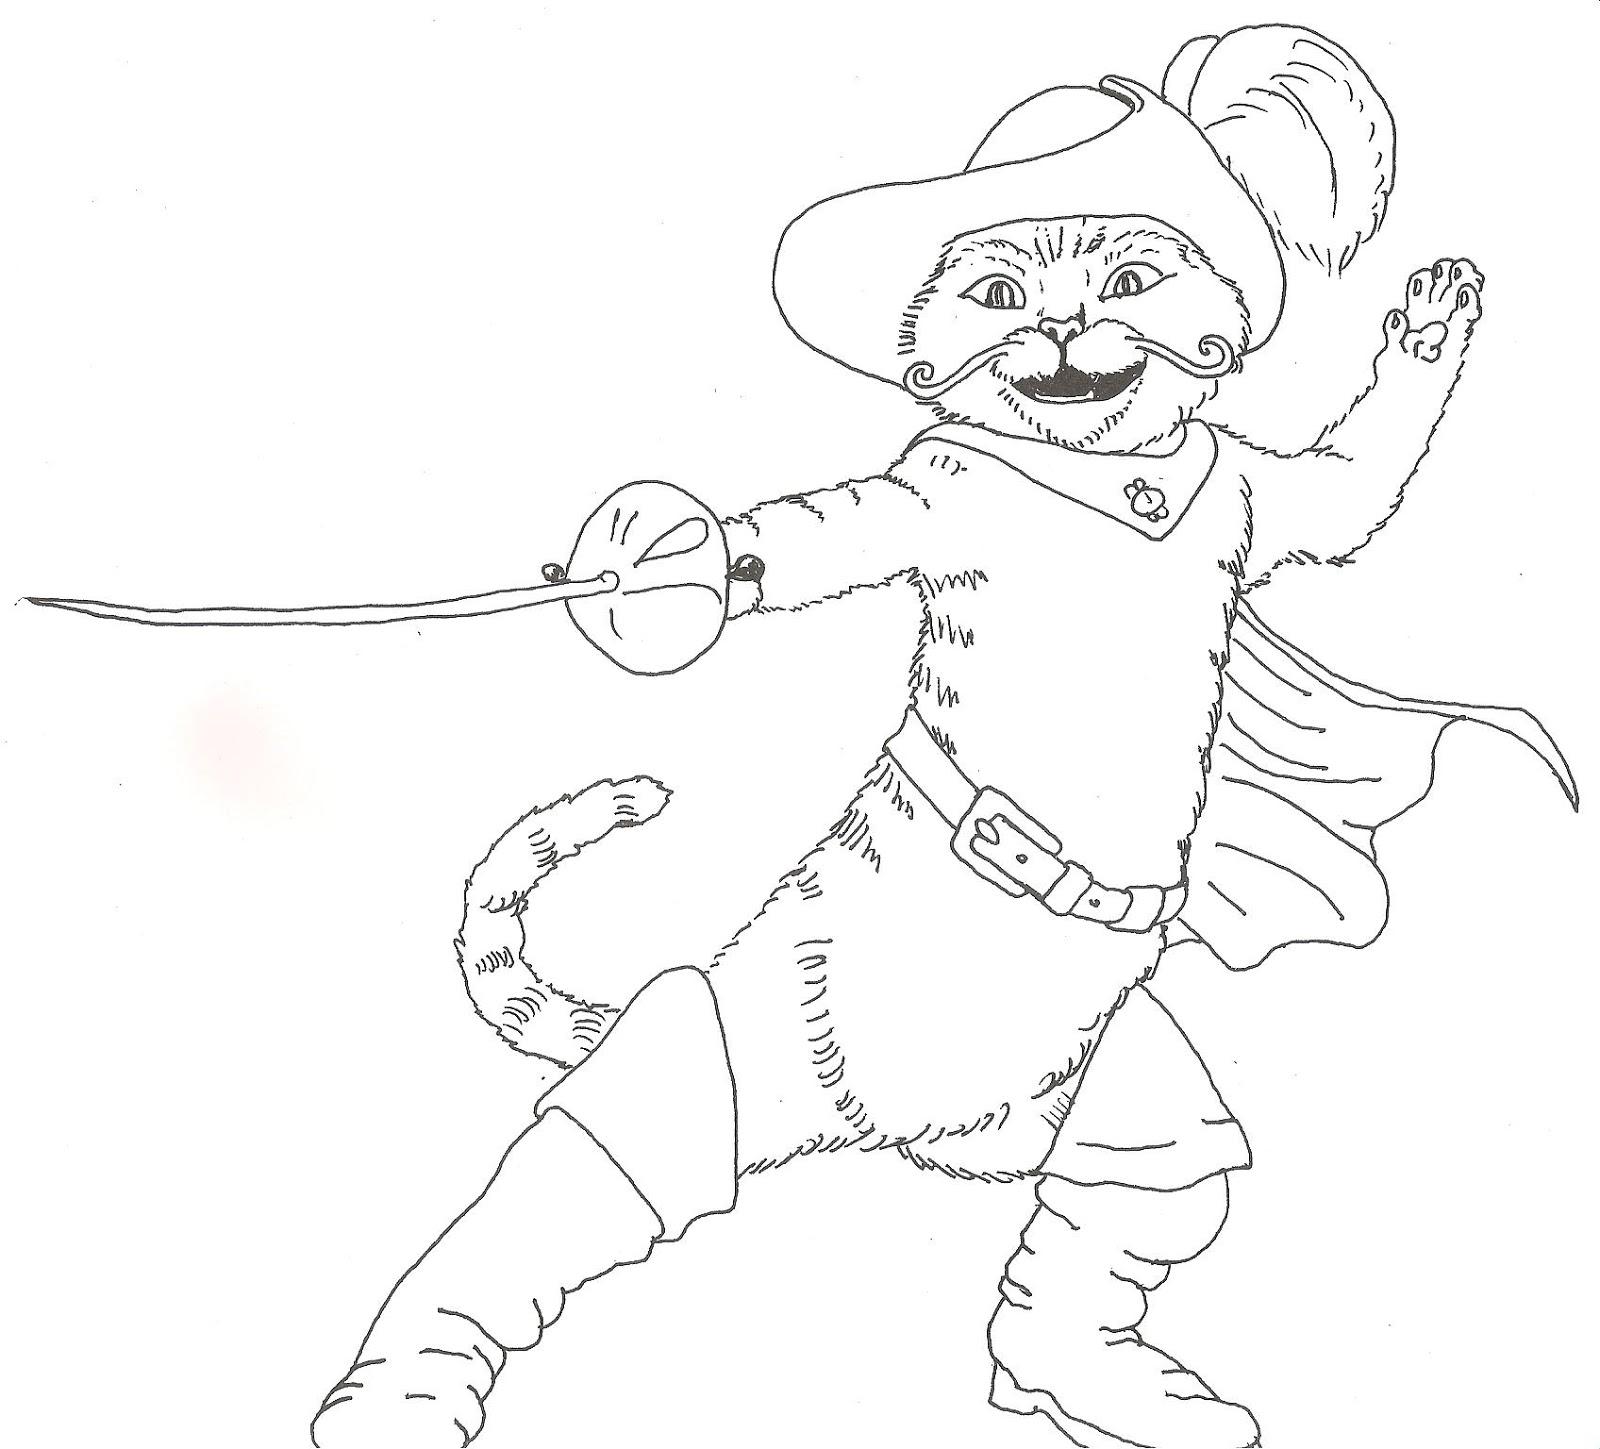 Dibujos Para Colorear El Gato Con Botas Dibujos Para Colorear De El